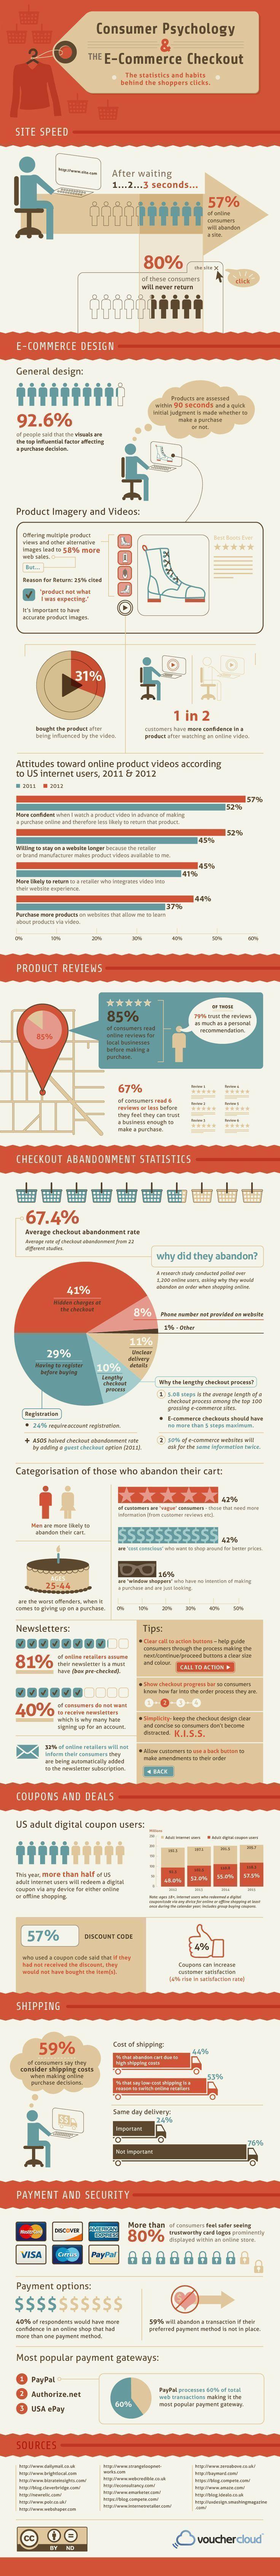 Estadisticas y comportamientos de clientes online